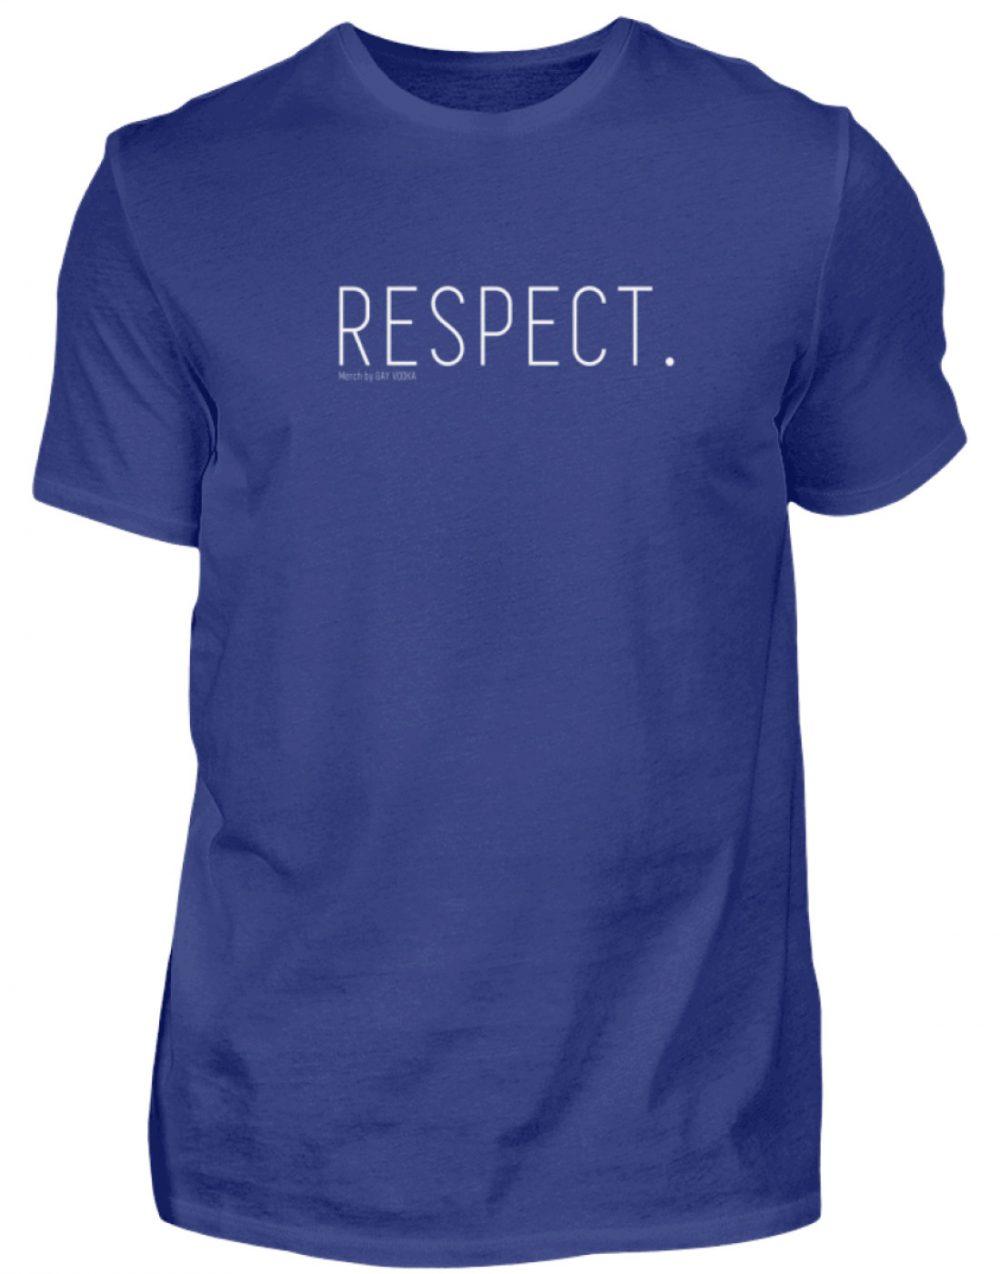 RESPECT. - Herren Premiumshirt-2962